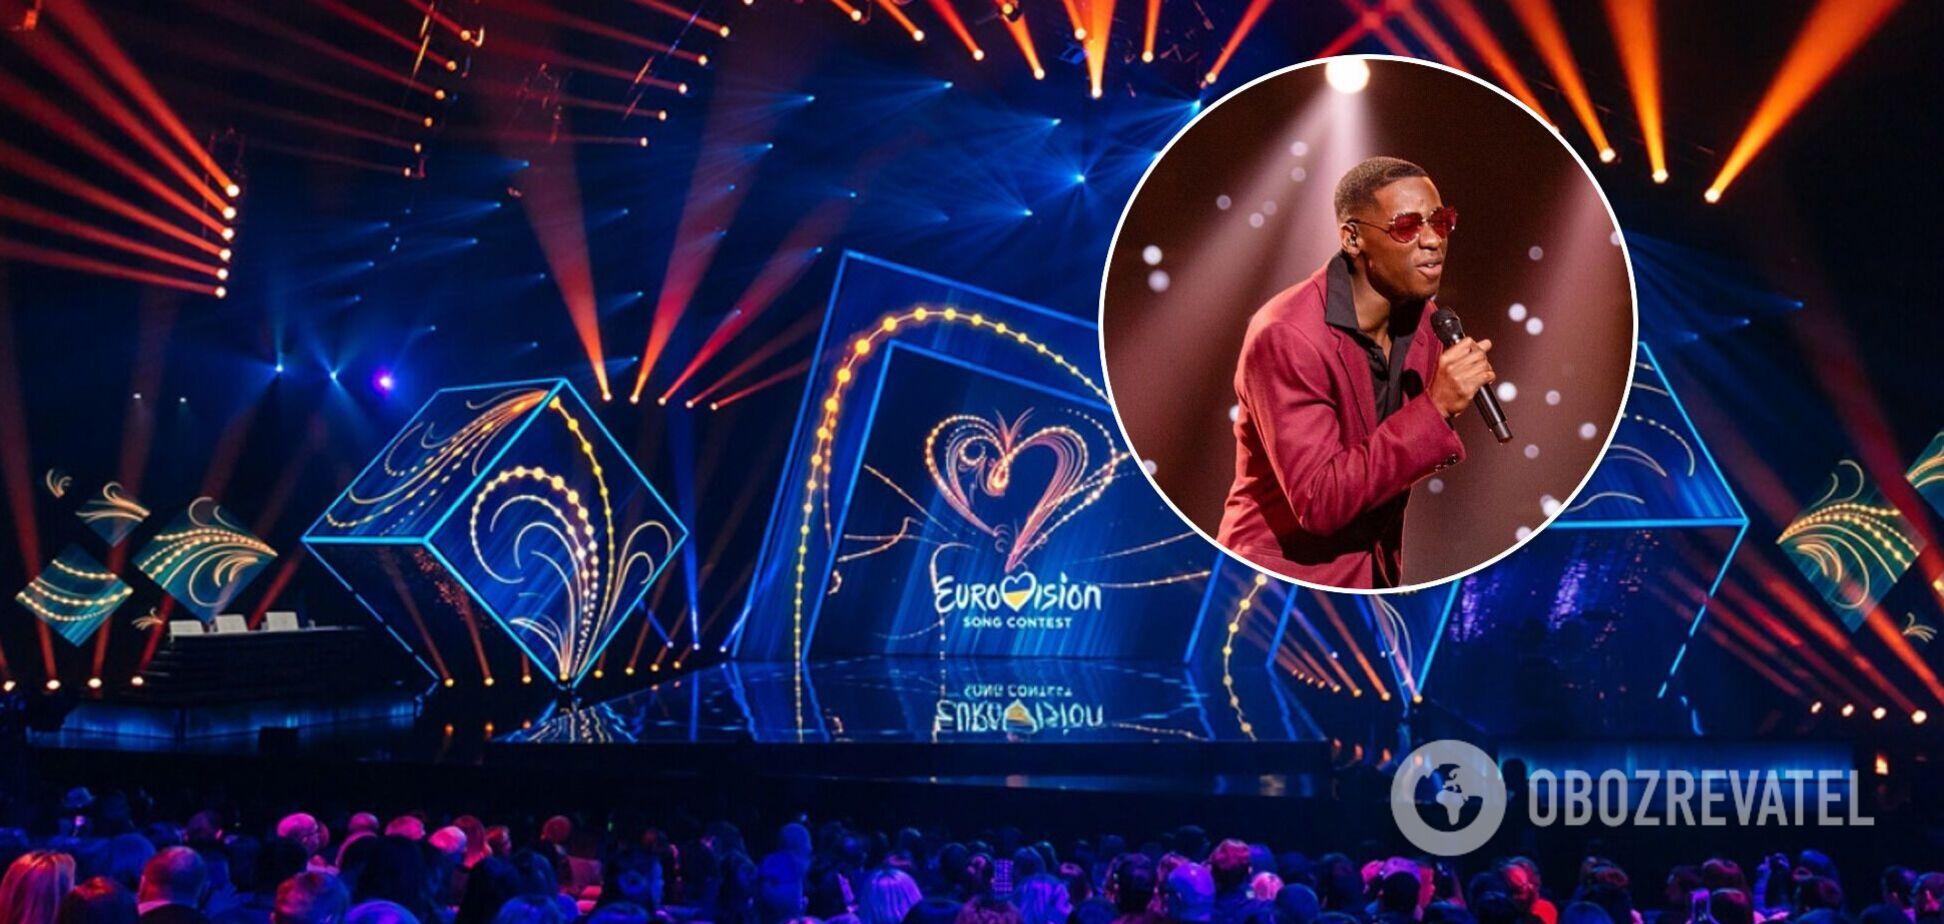 Футболіст-профі й переможець 'Голосу': що відомо про першого учасника Євробачення-2022. Фото і відео